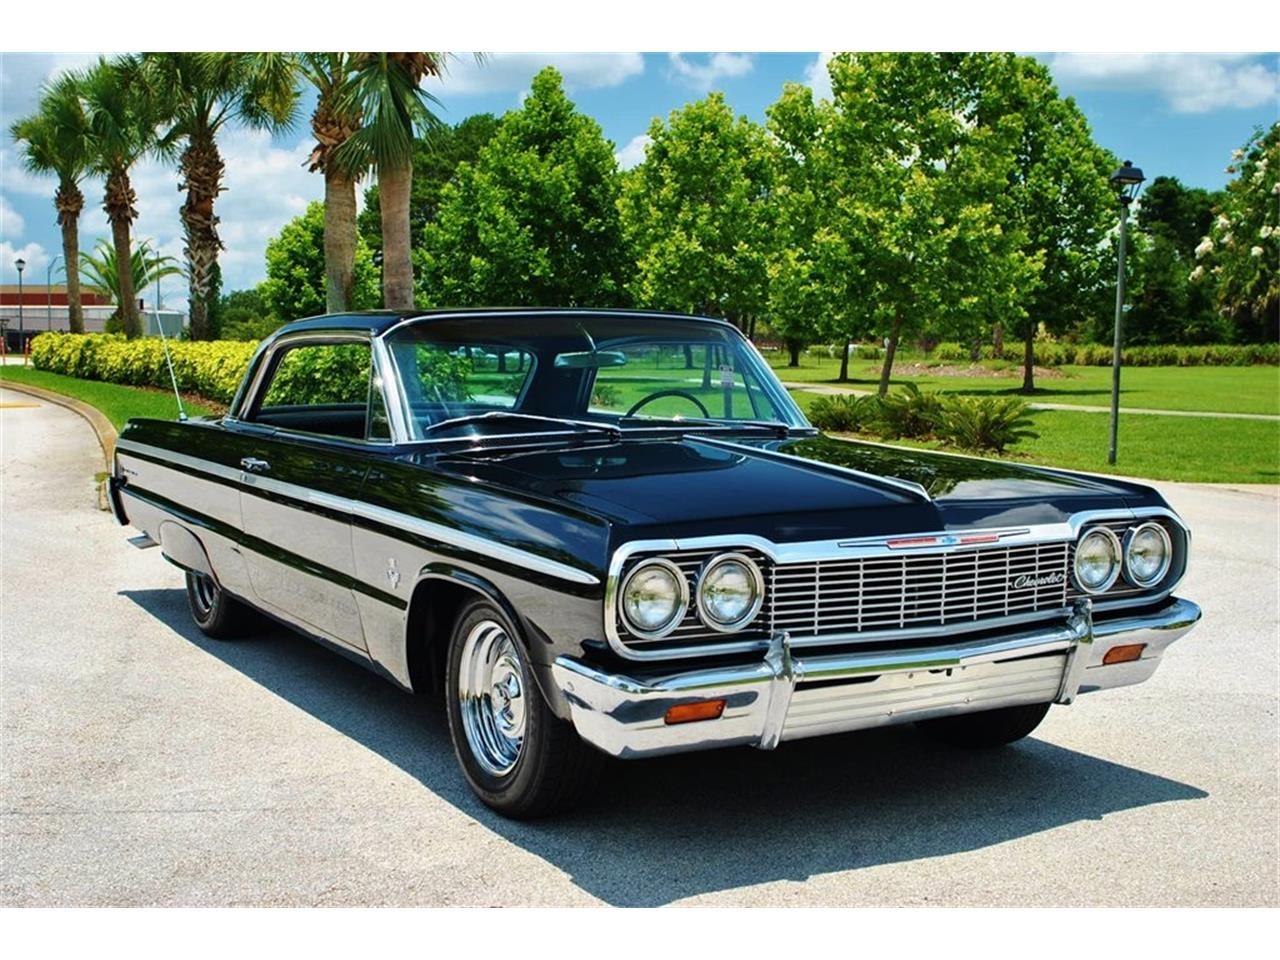 Kekurangan Chevrolet Impala 1964 Tangguh